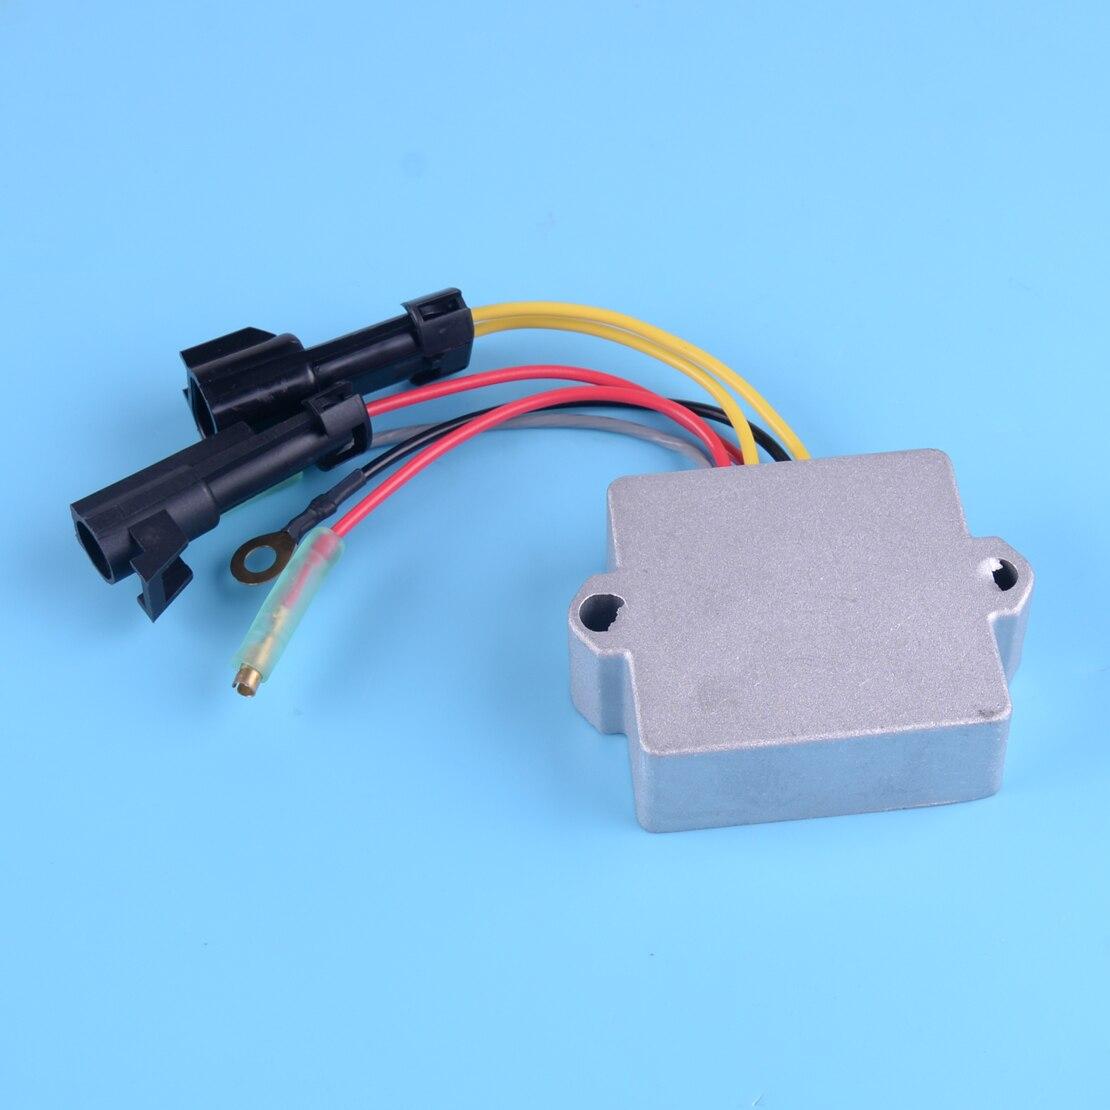 DWCX regulador de tensión regulador rectificador de mercurio 25 30 40 50 60 135, 140 de 150 HP 883072T2 854515T2 893640-002